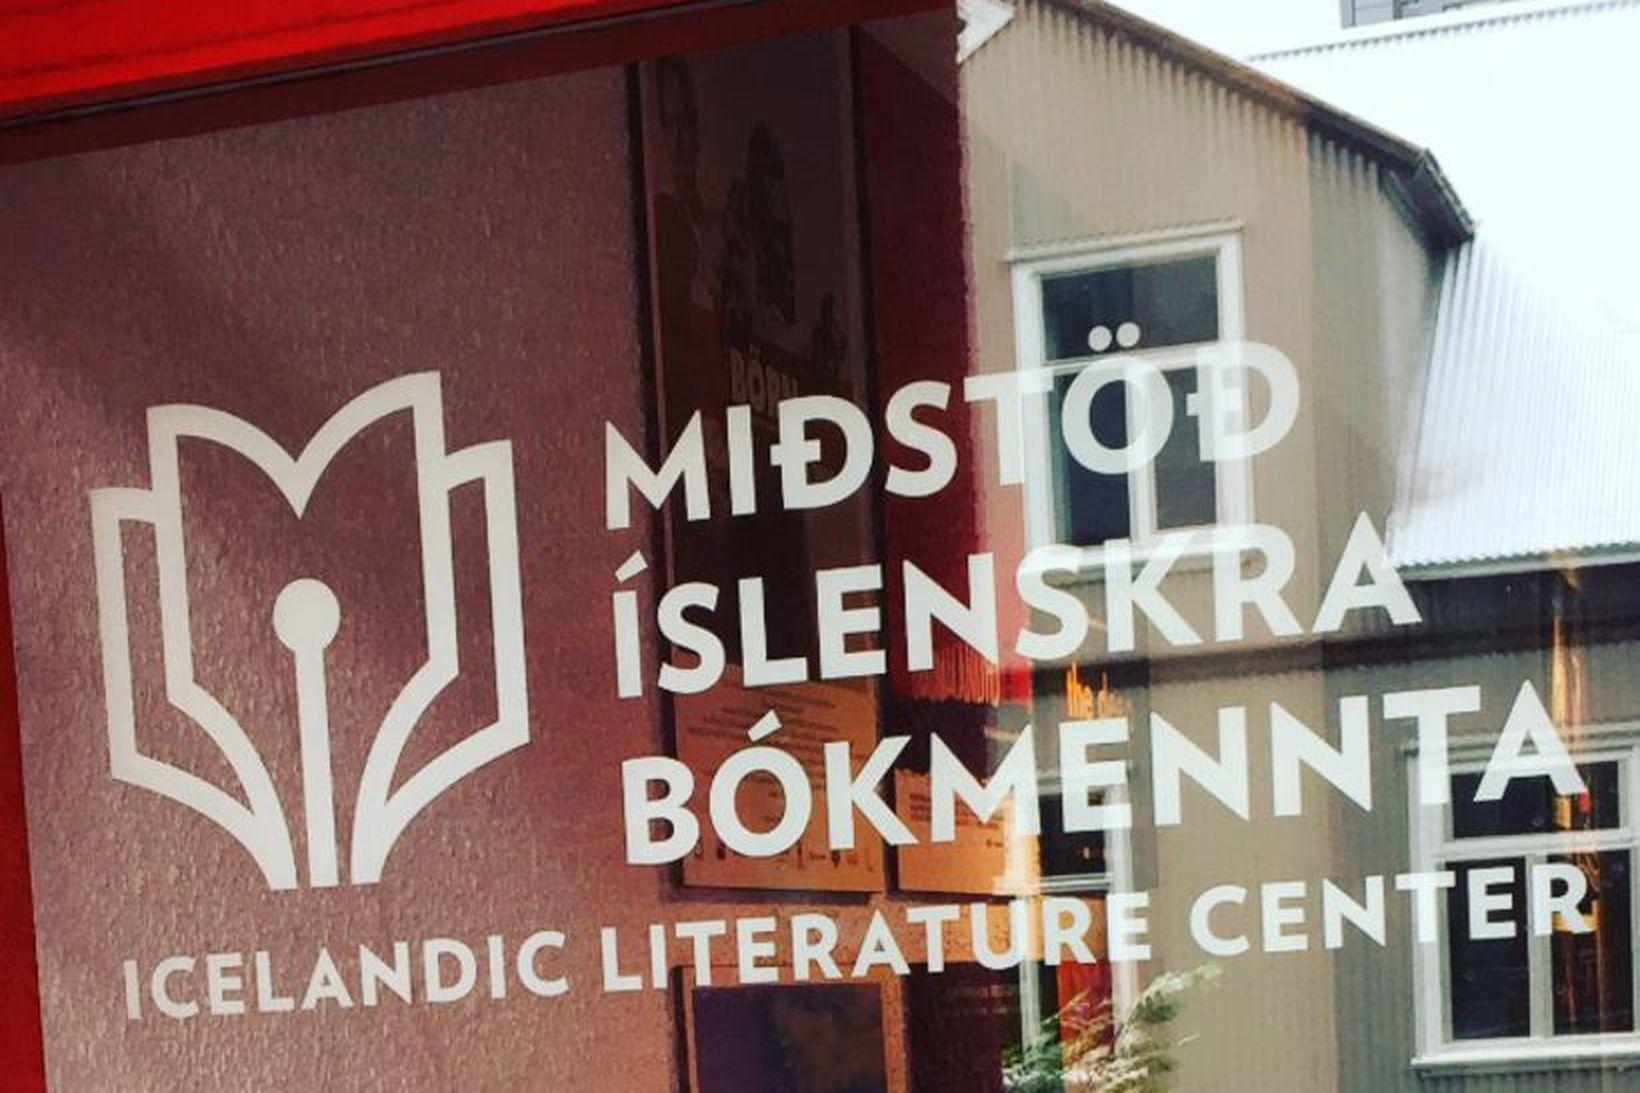 Miðstöð íslenskra bókmennta.